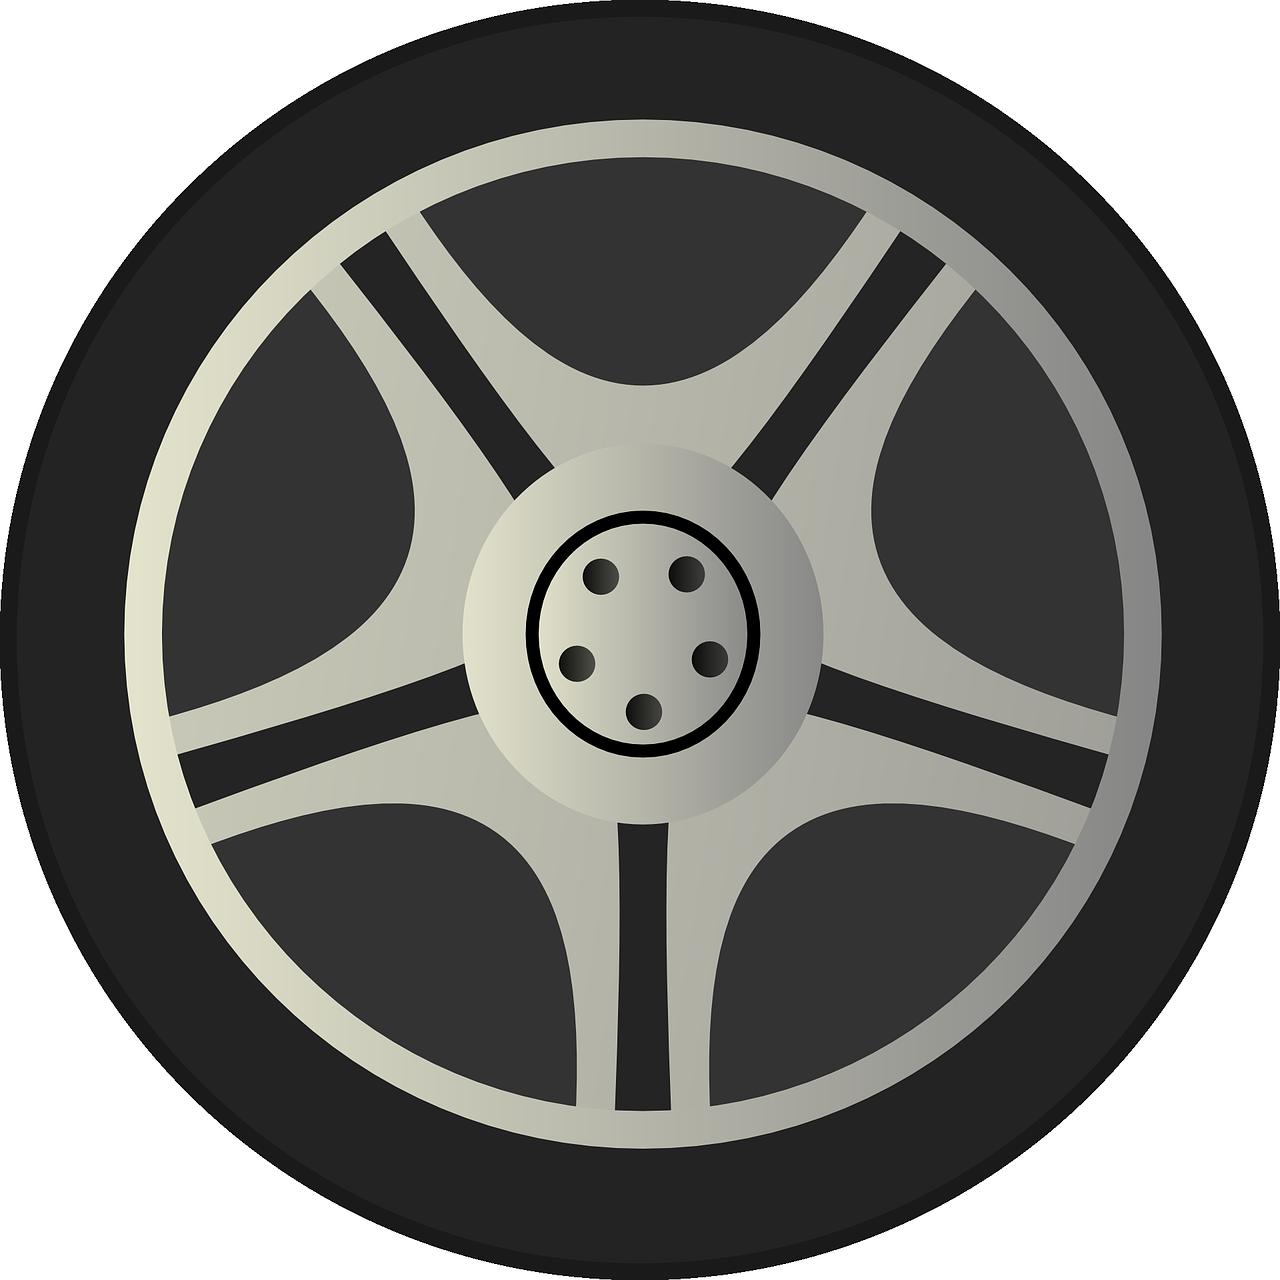 Mobil Rim Ban Gambar Vektor Gratis Di Pixabay